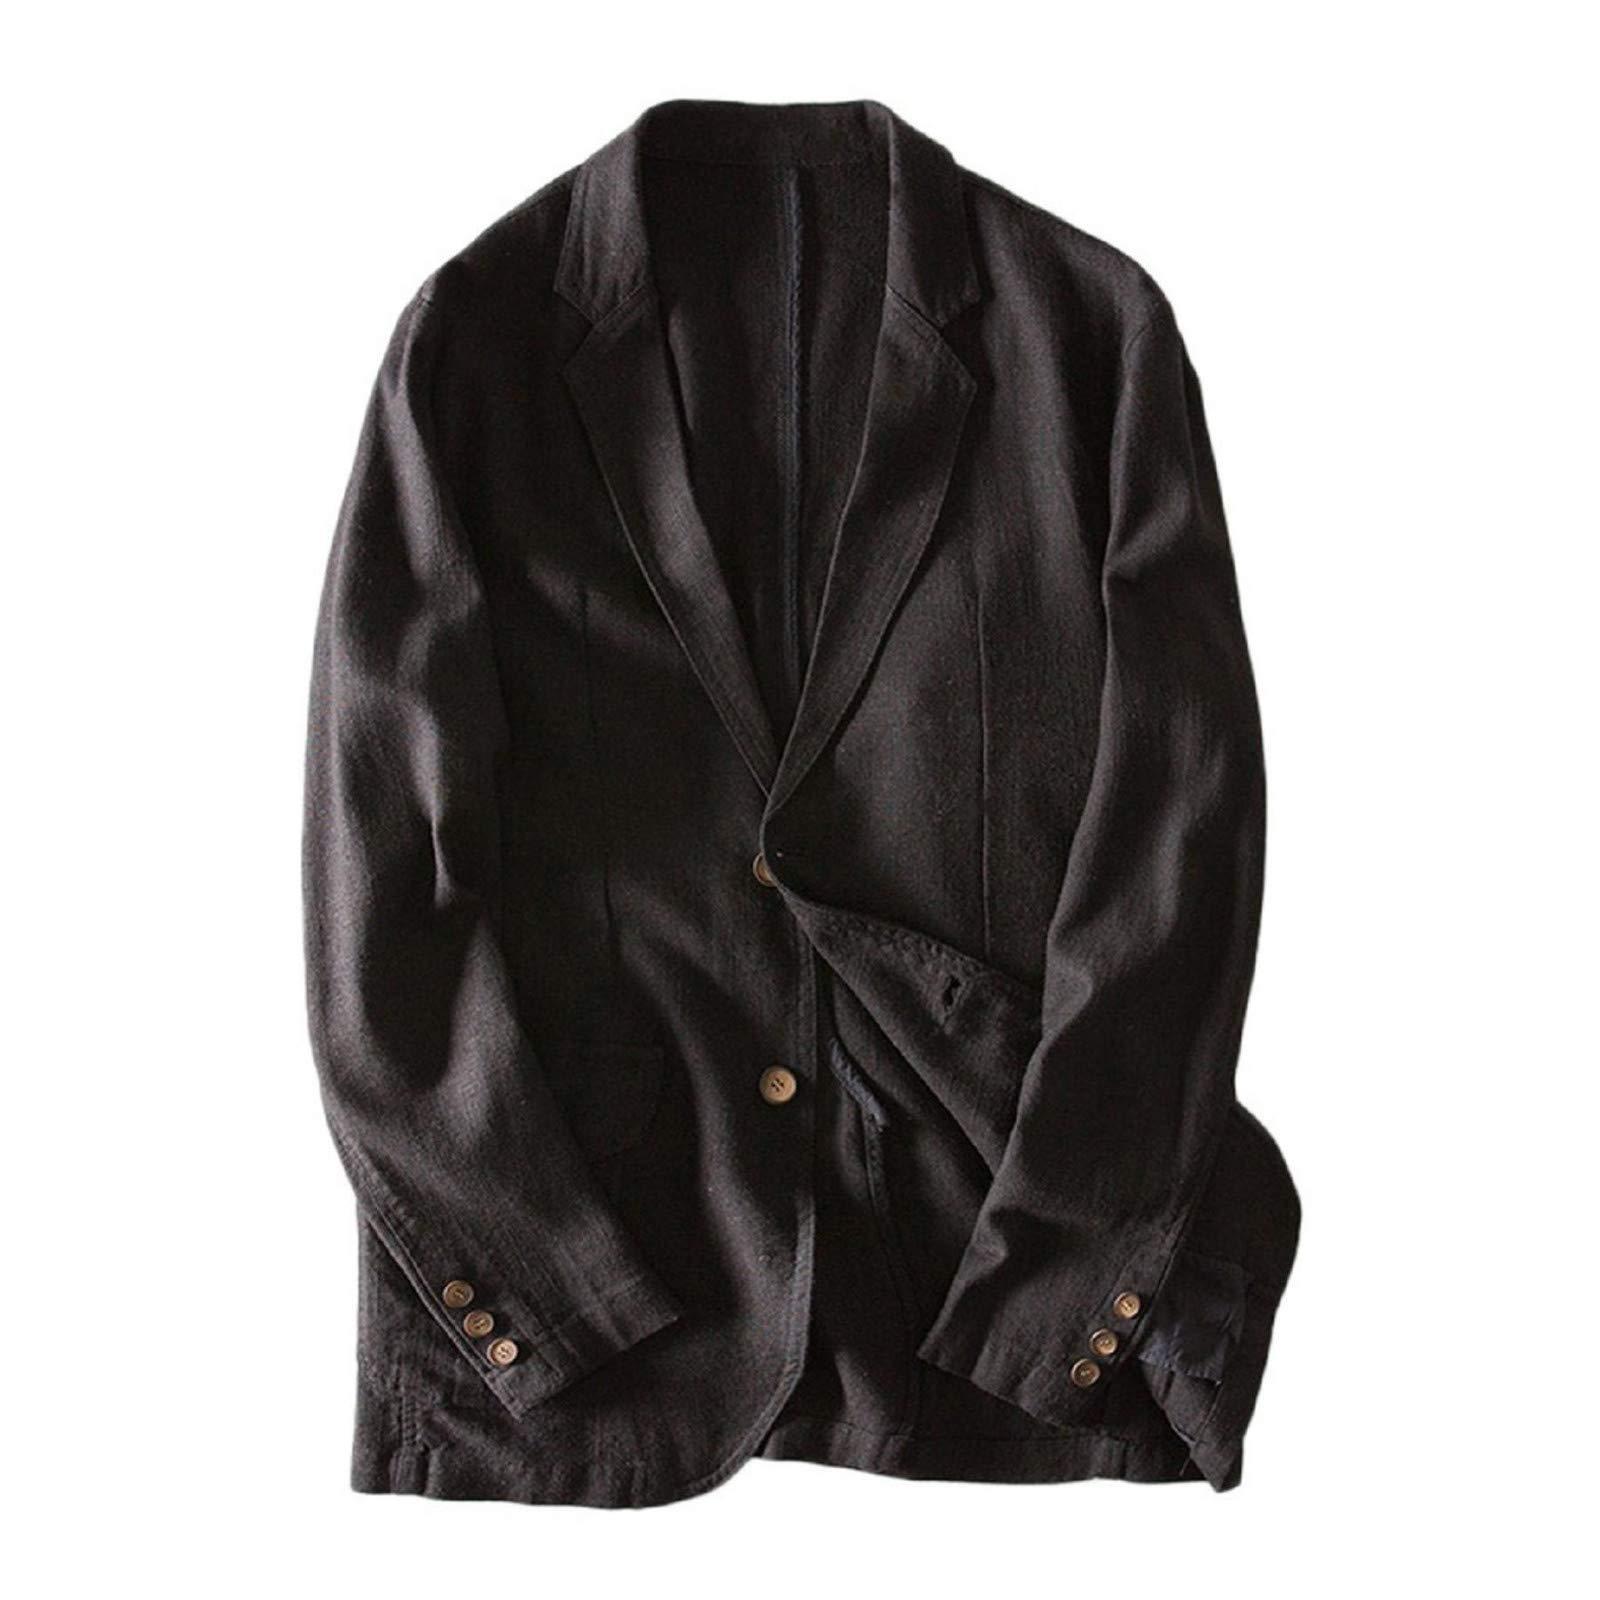 Long Sleeve Suits Blazer,Men Slim Fit Linen Blend Pocket Lightweight Solid Long Sleeve Suits Coat Blazer Jacket